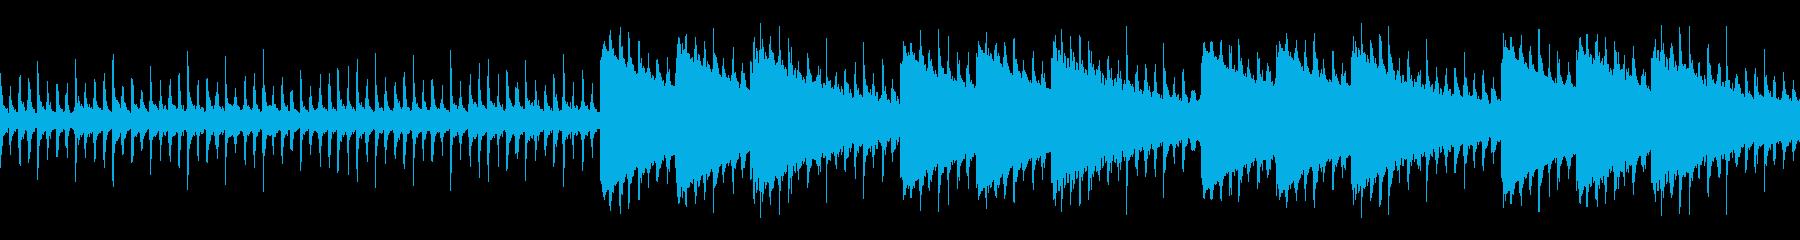 エレクトロニック パーカッション ...の再生済みの波形